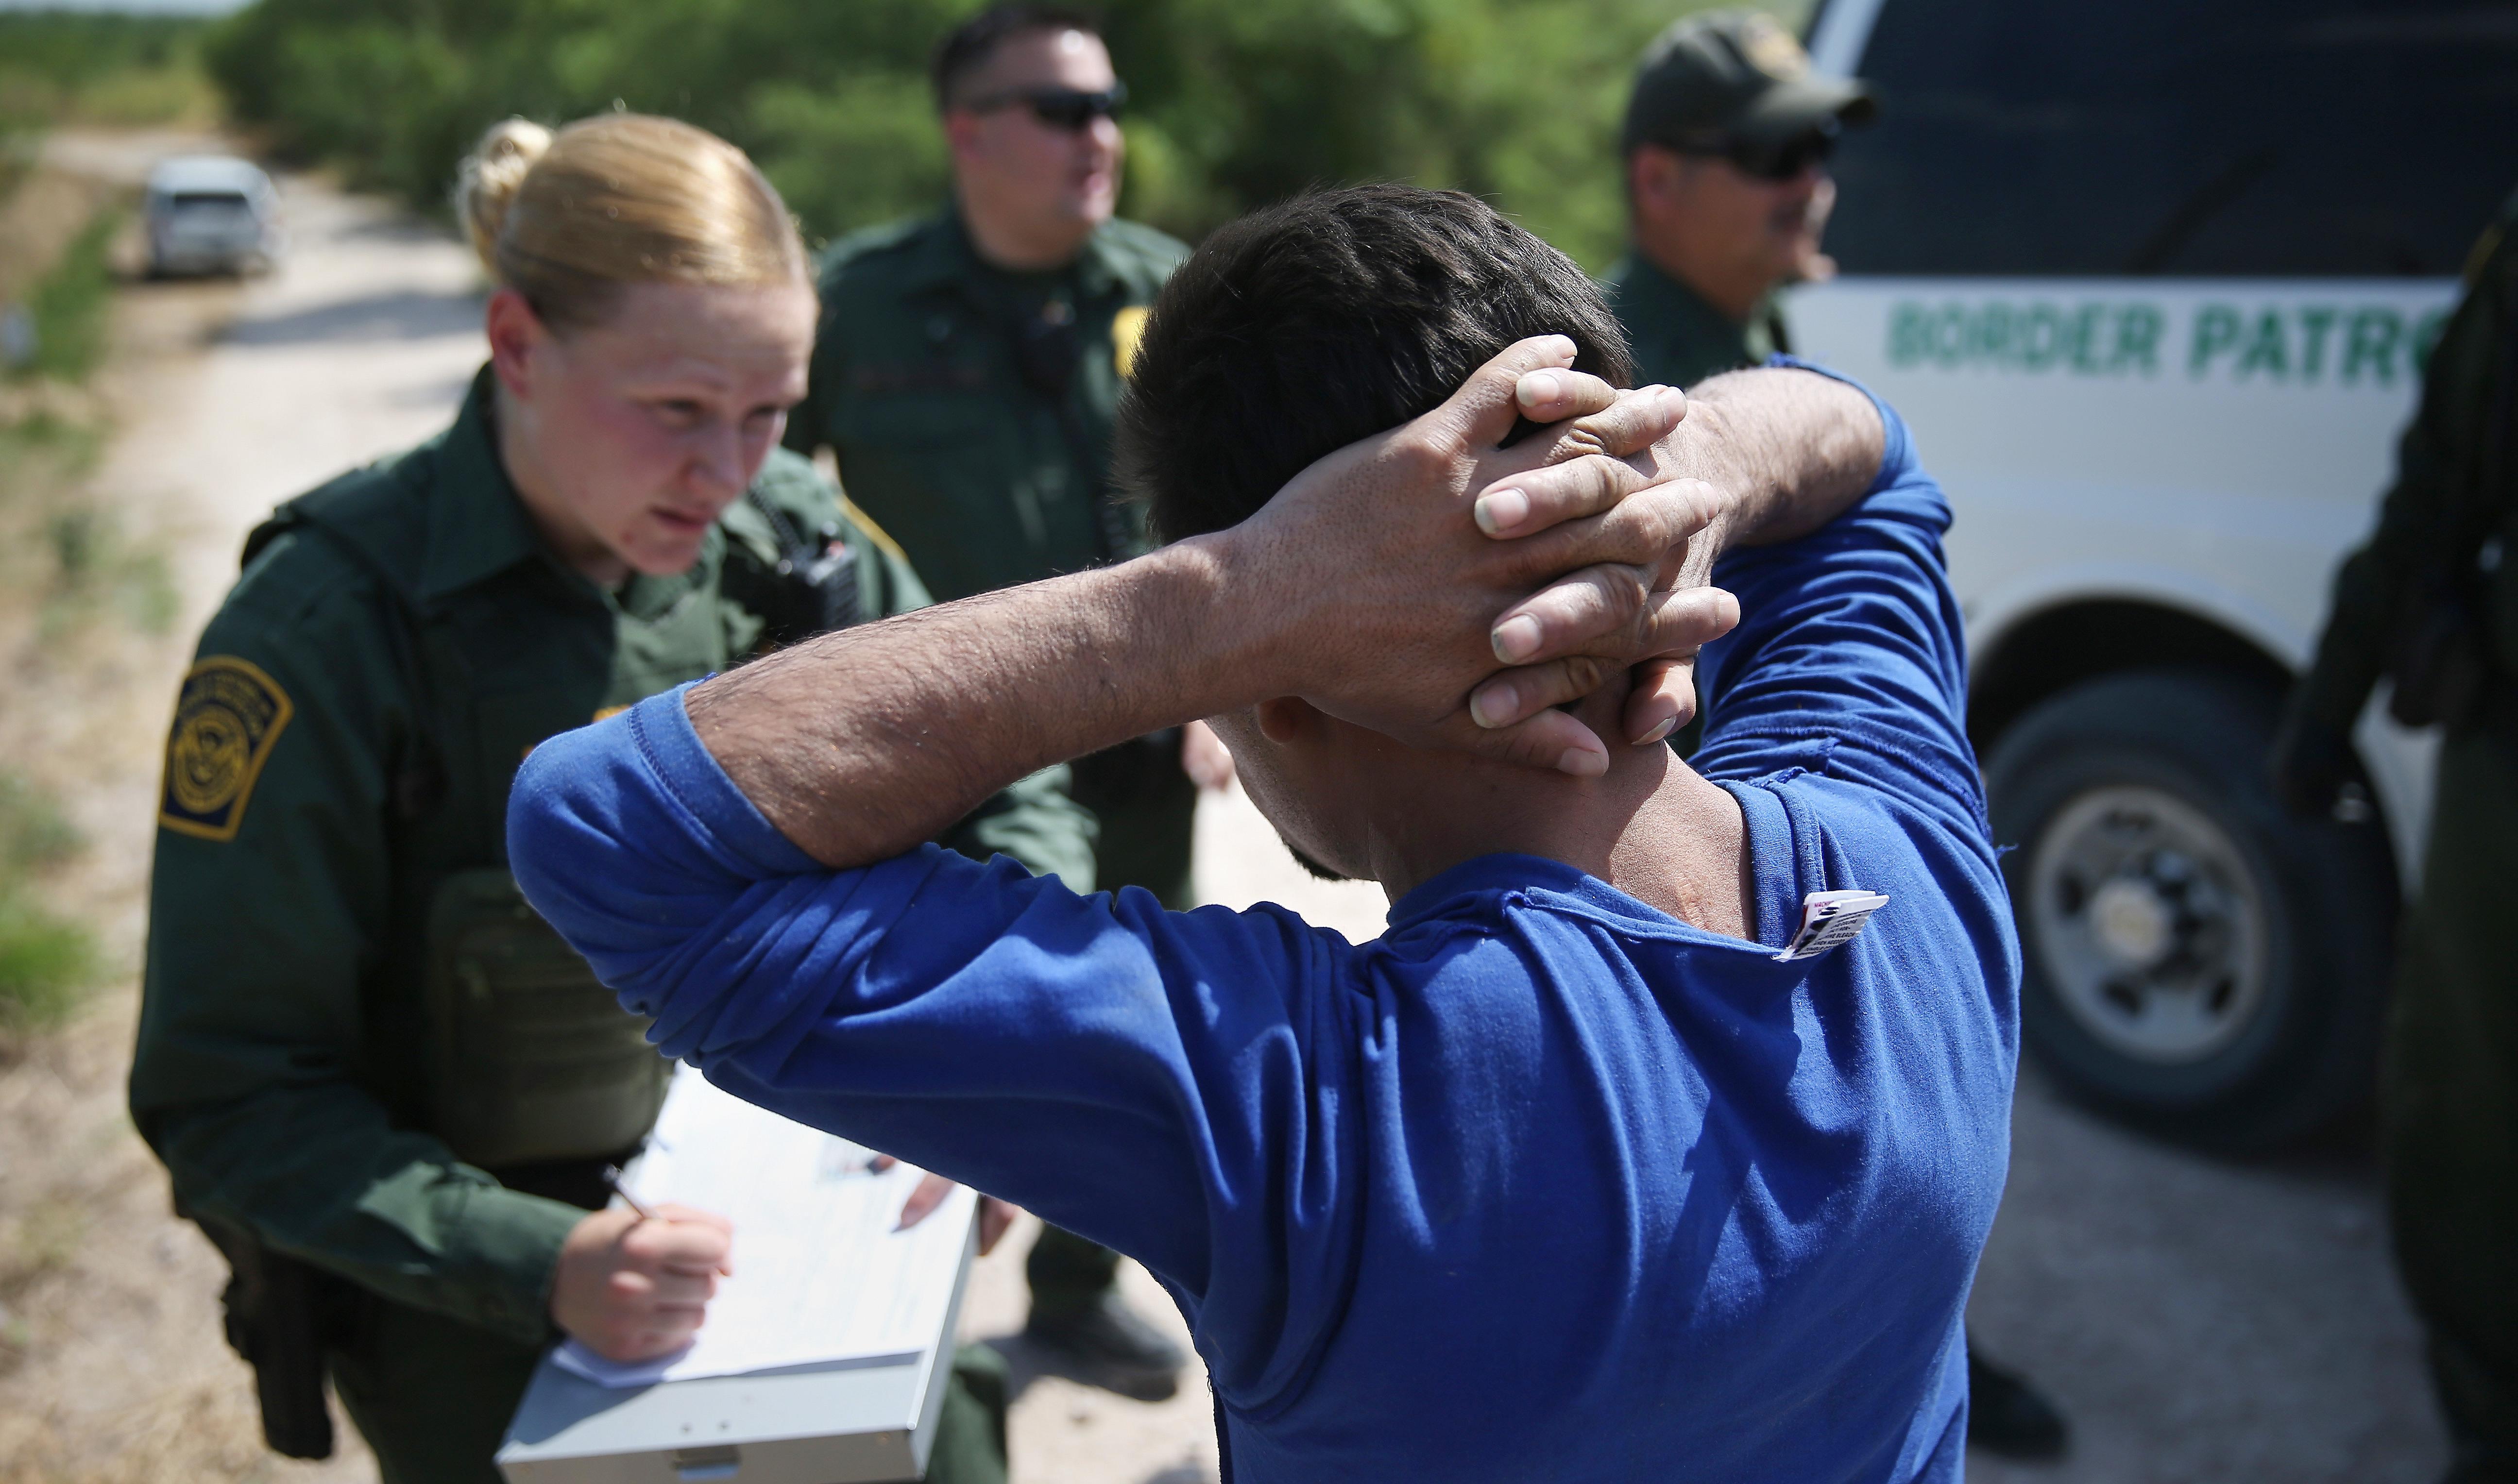 el atasco en las cortes de inmigracion retrasa audiencias al  univision